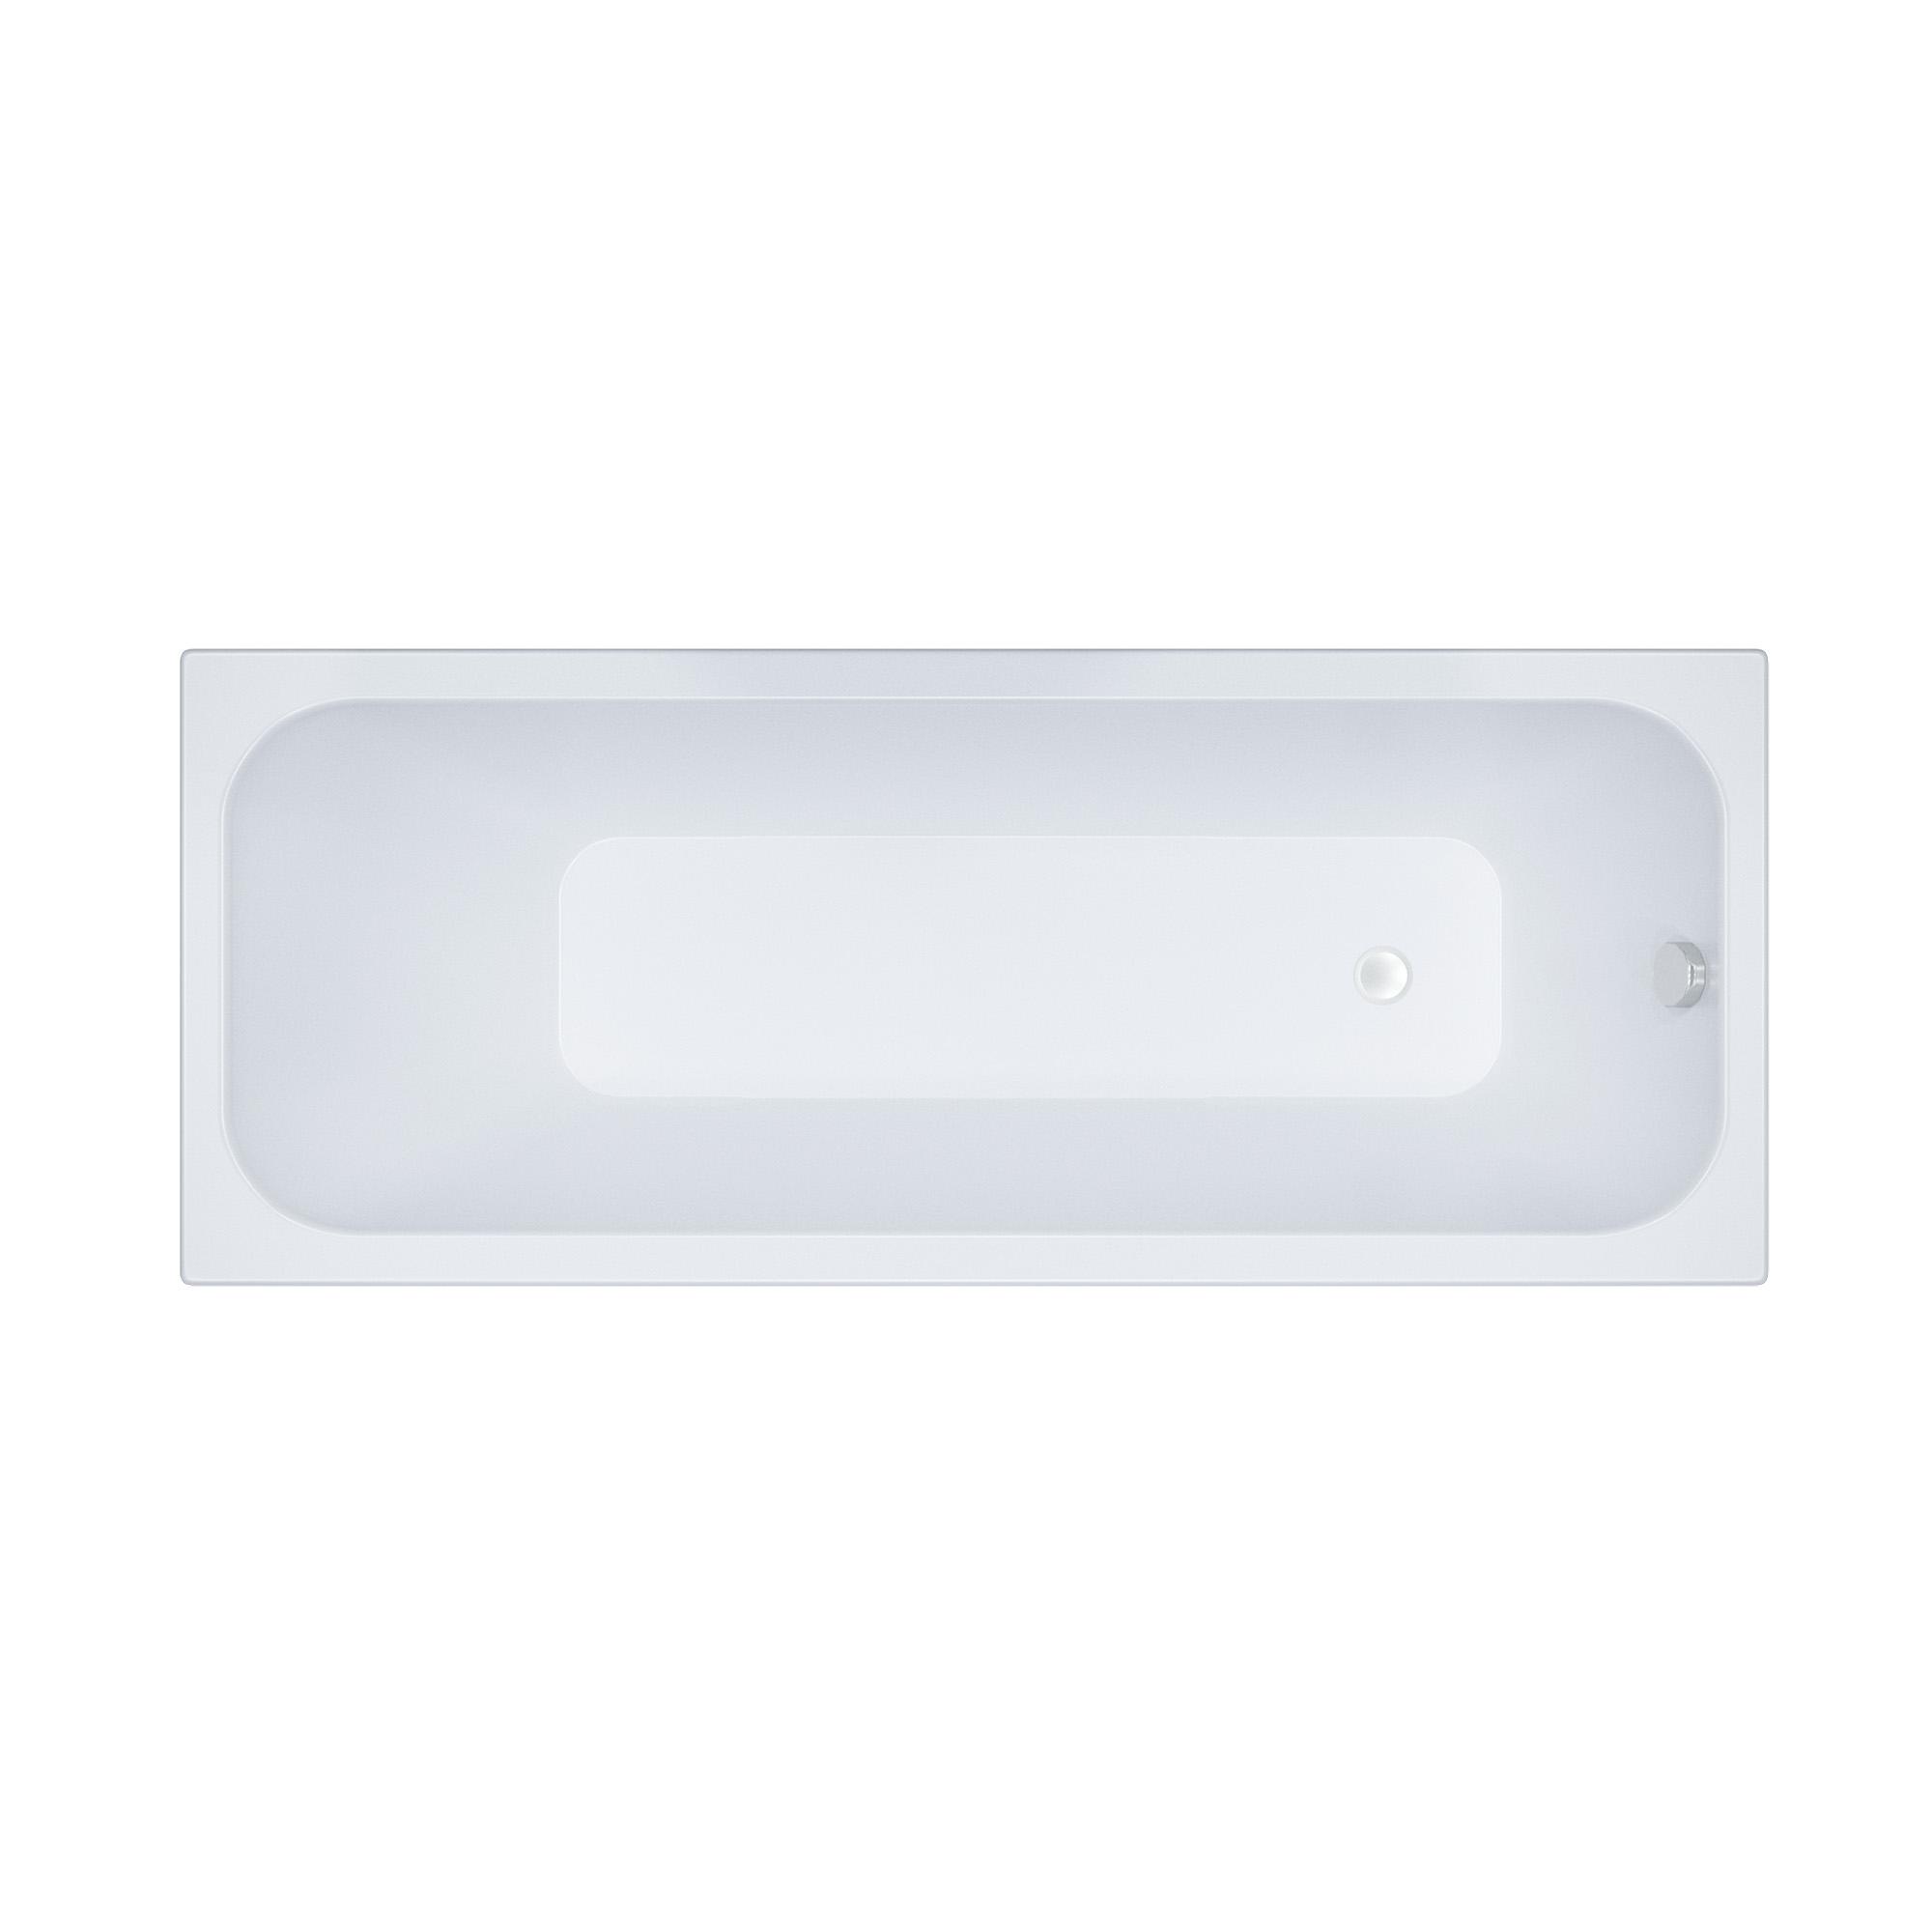 Акриловая ванна Тритон Ультра 170 слив перелив alcaplast для ванны под бронзу a55 antic